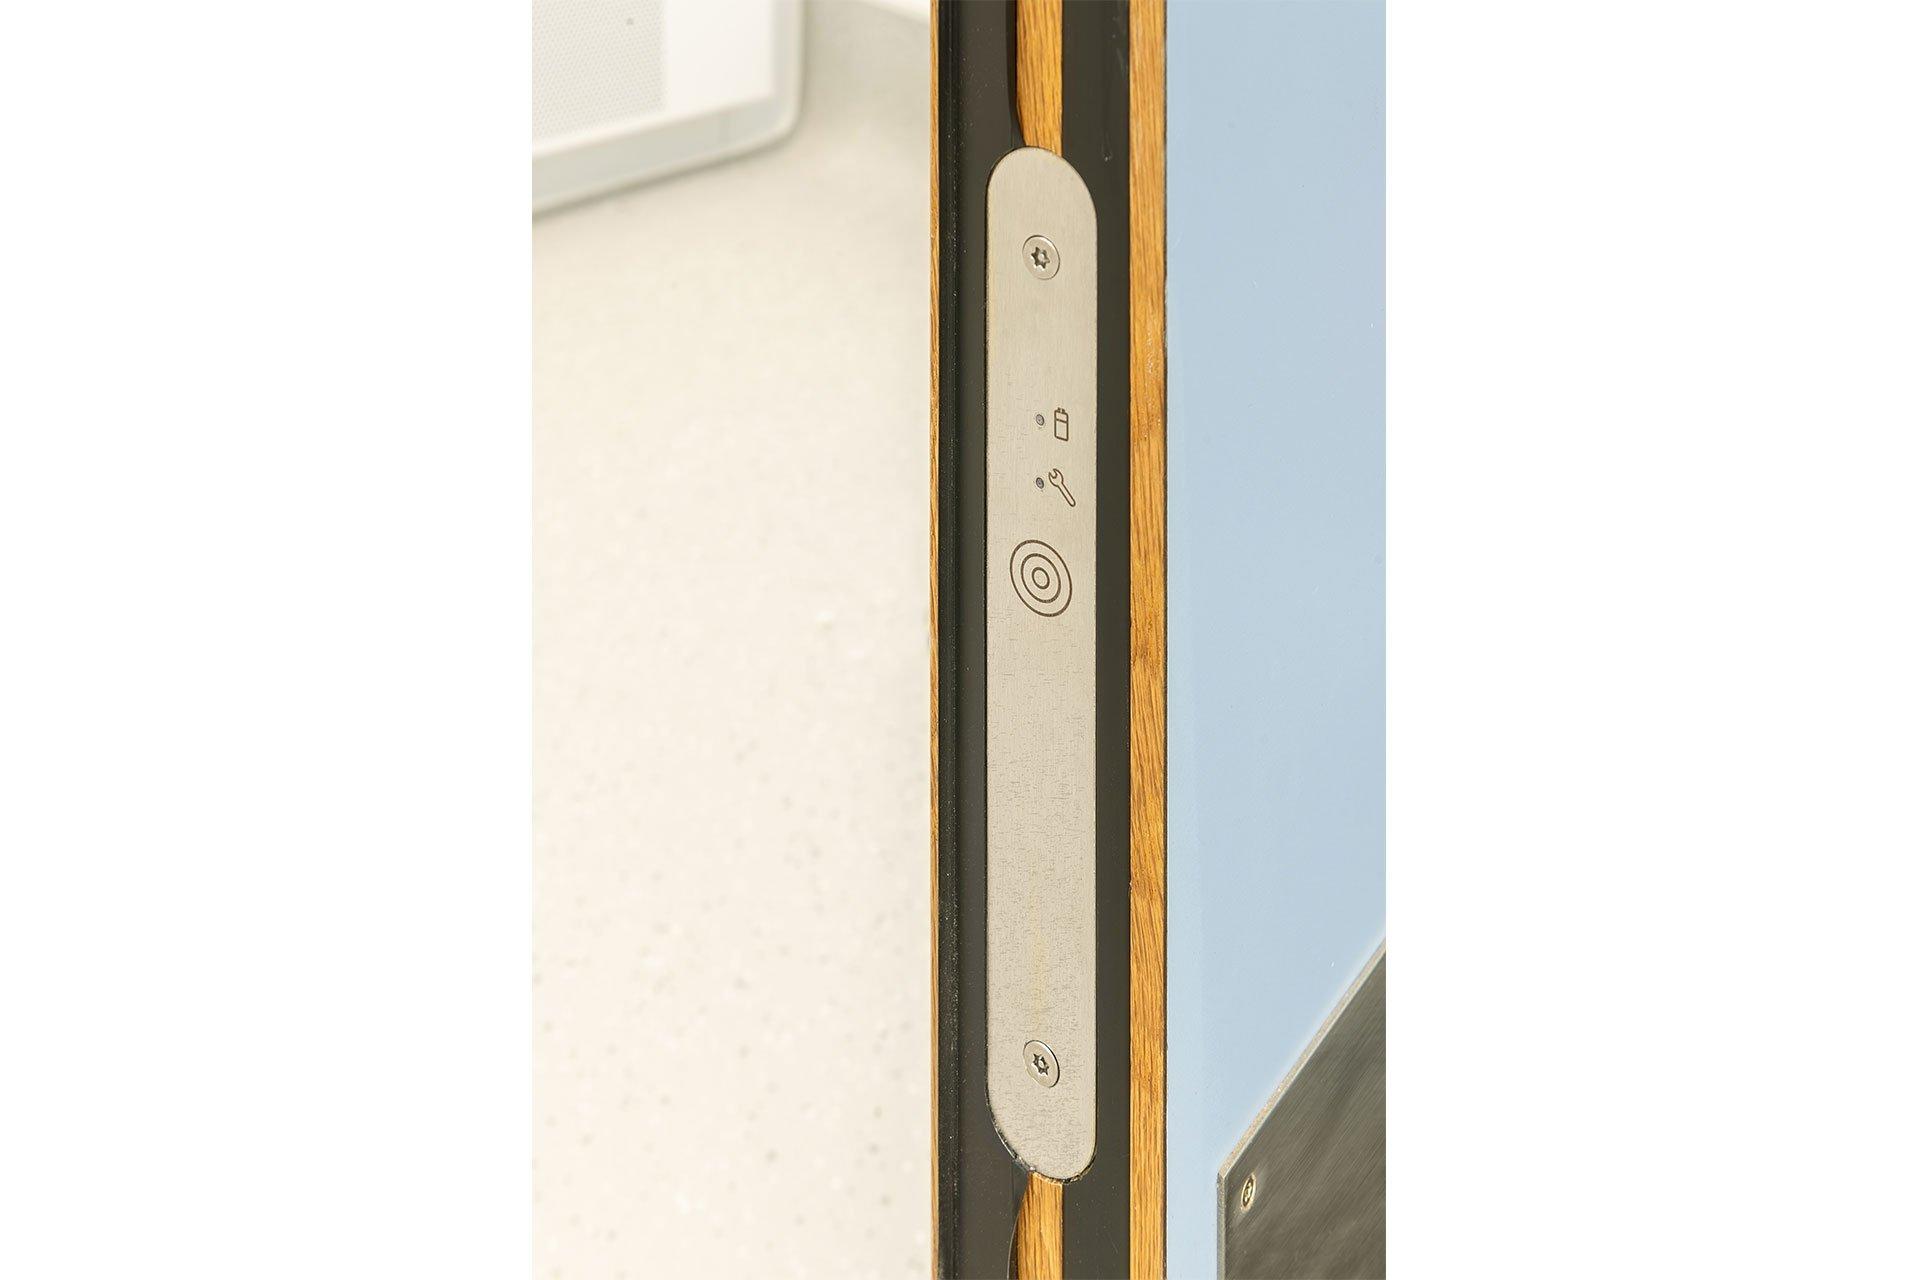 Door alarm testing panel